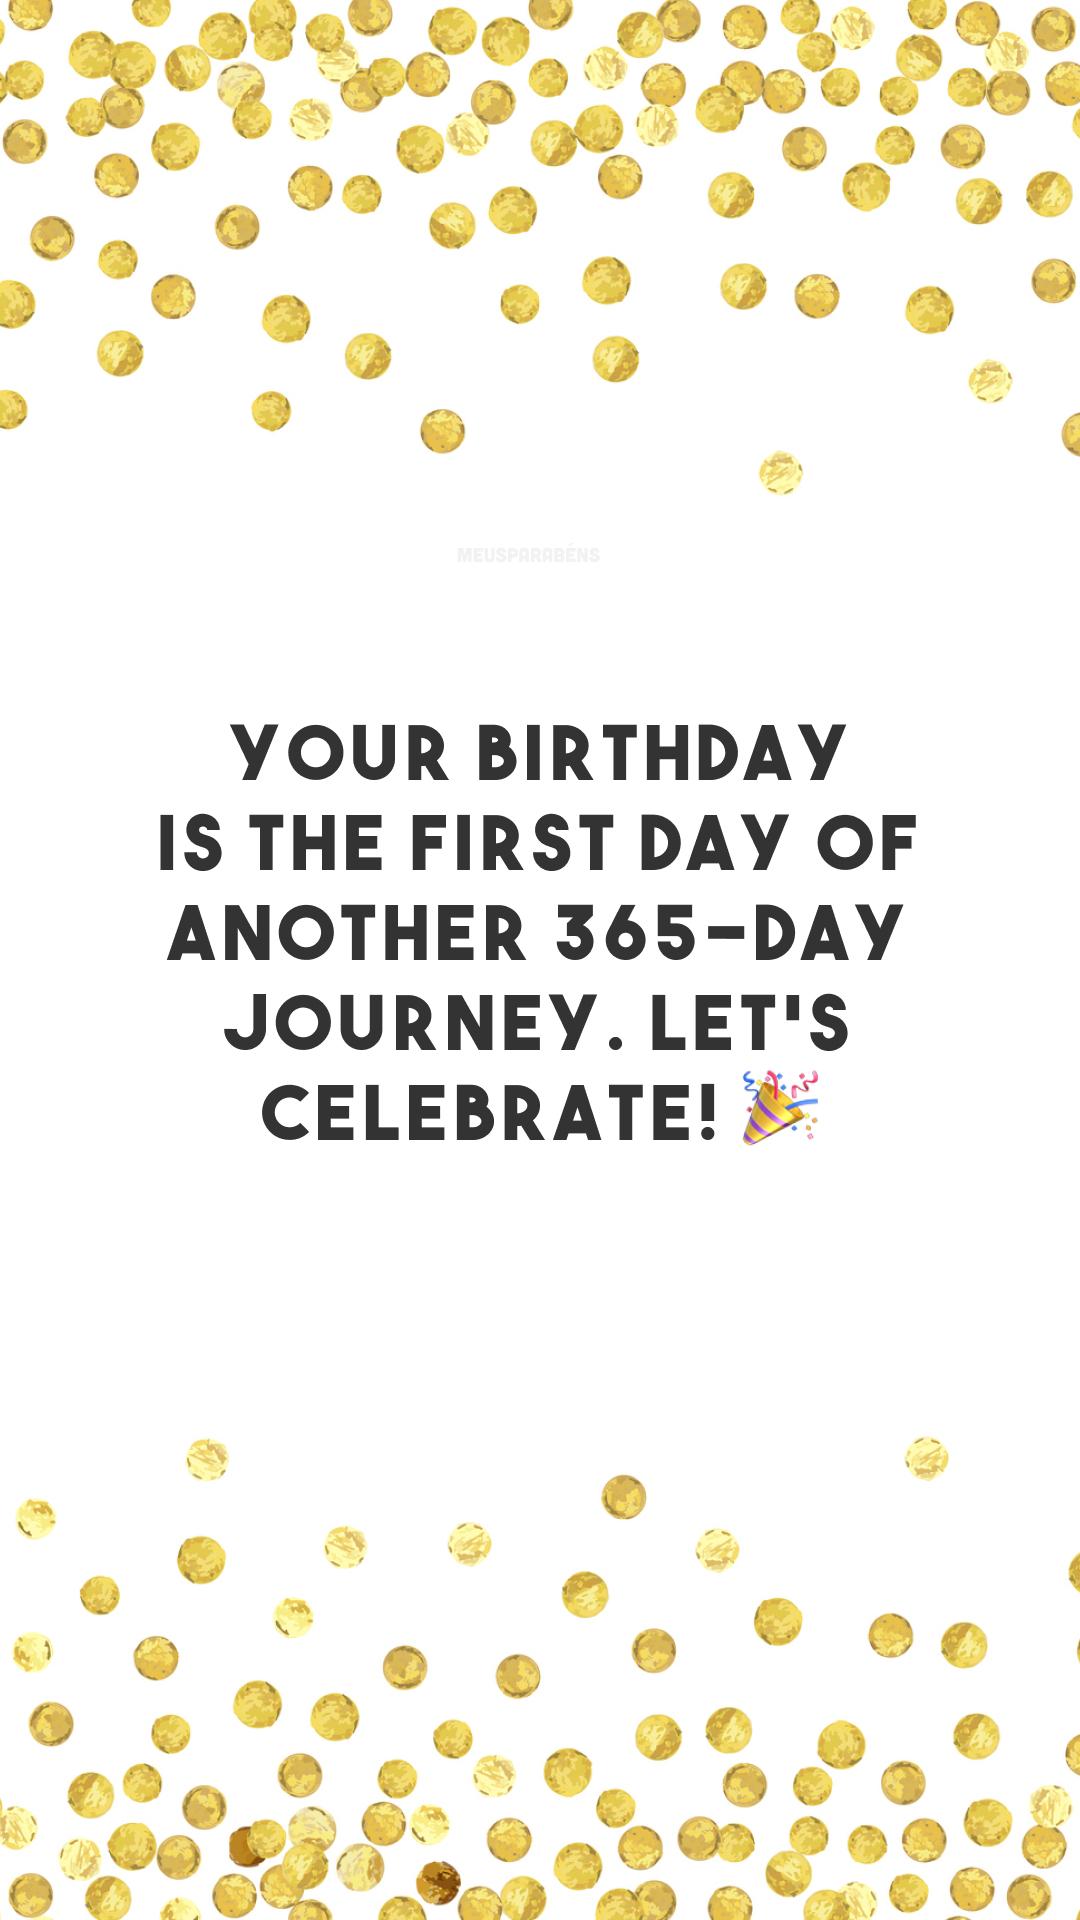 Your birthday is the first day of another 365-day journey. Let's celebrate! 🎉 (O seu aniversário é o primeiro dia de outros 365 de jornada. Vamos comemorar!)